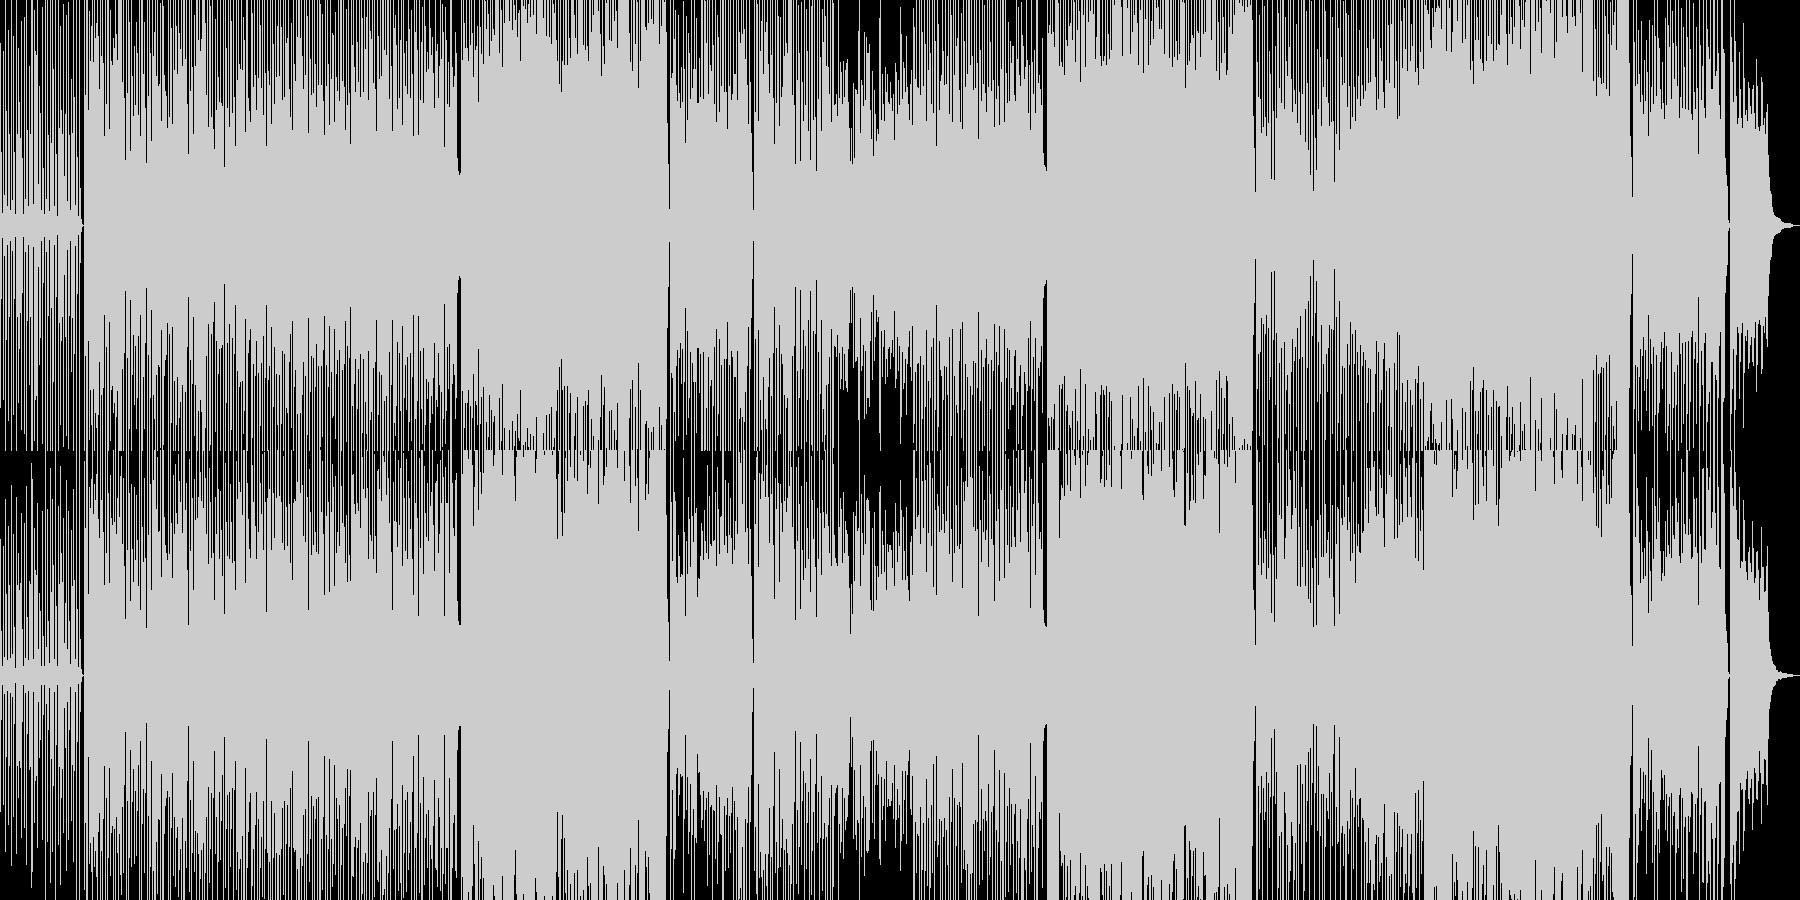 軽いタッチの和風テクノ可愛い笛琴BGMの未再生の波形